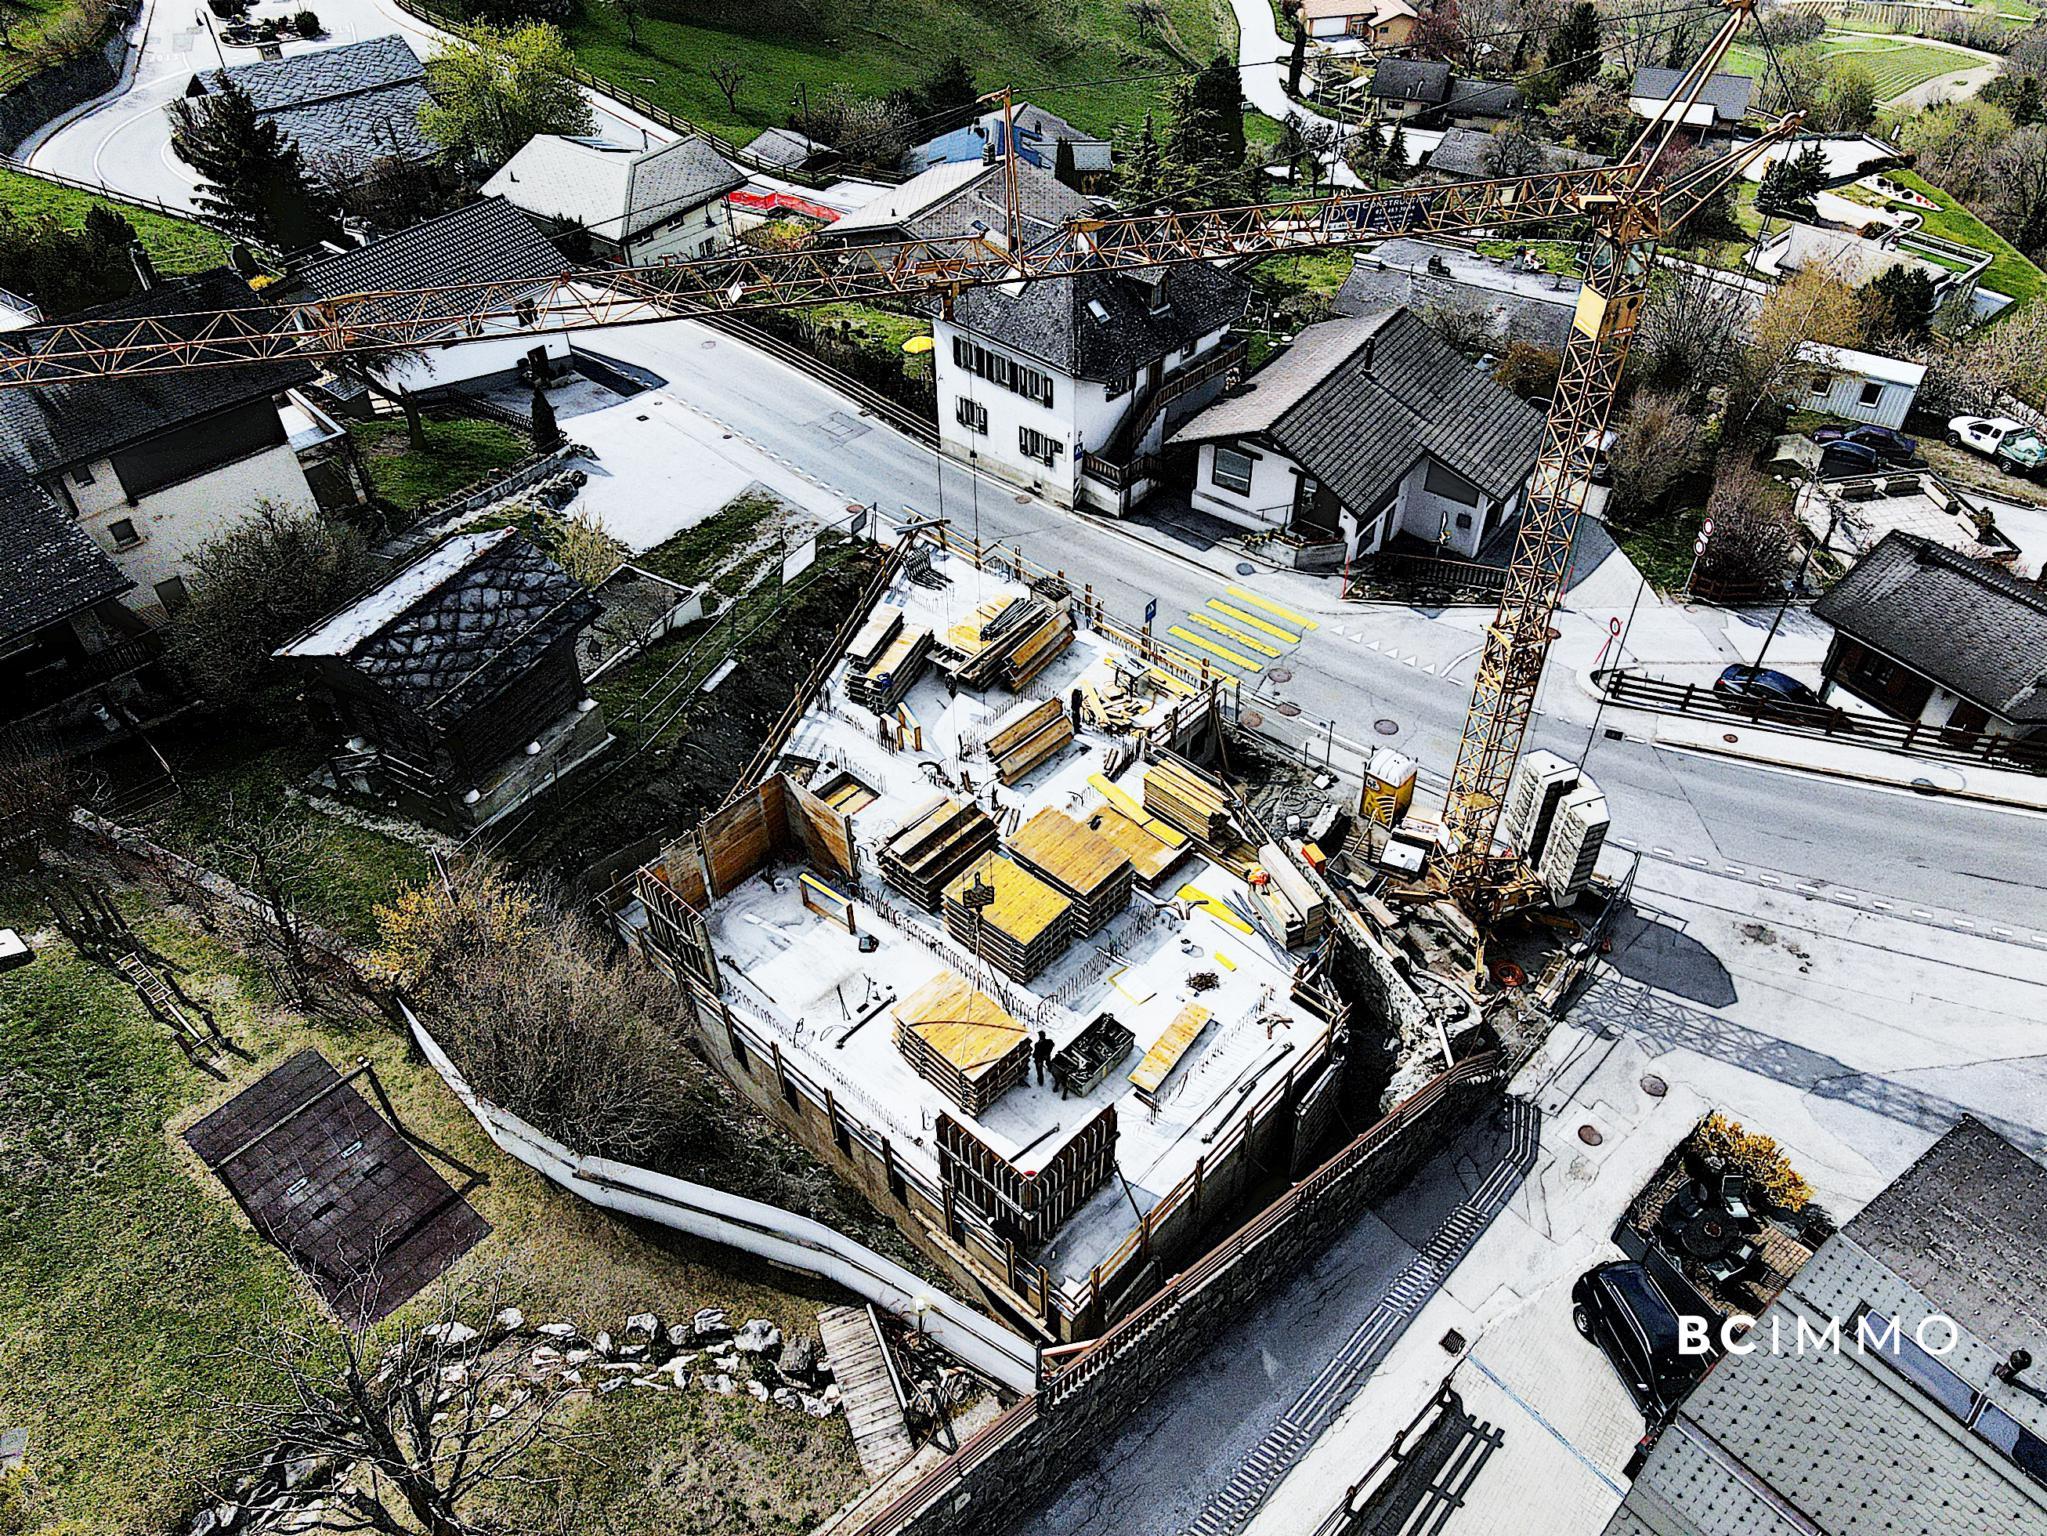 BC Immo - La Maison d'Adrien - 3.5 à l'étage - DCA5ICO77